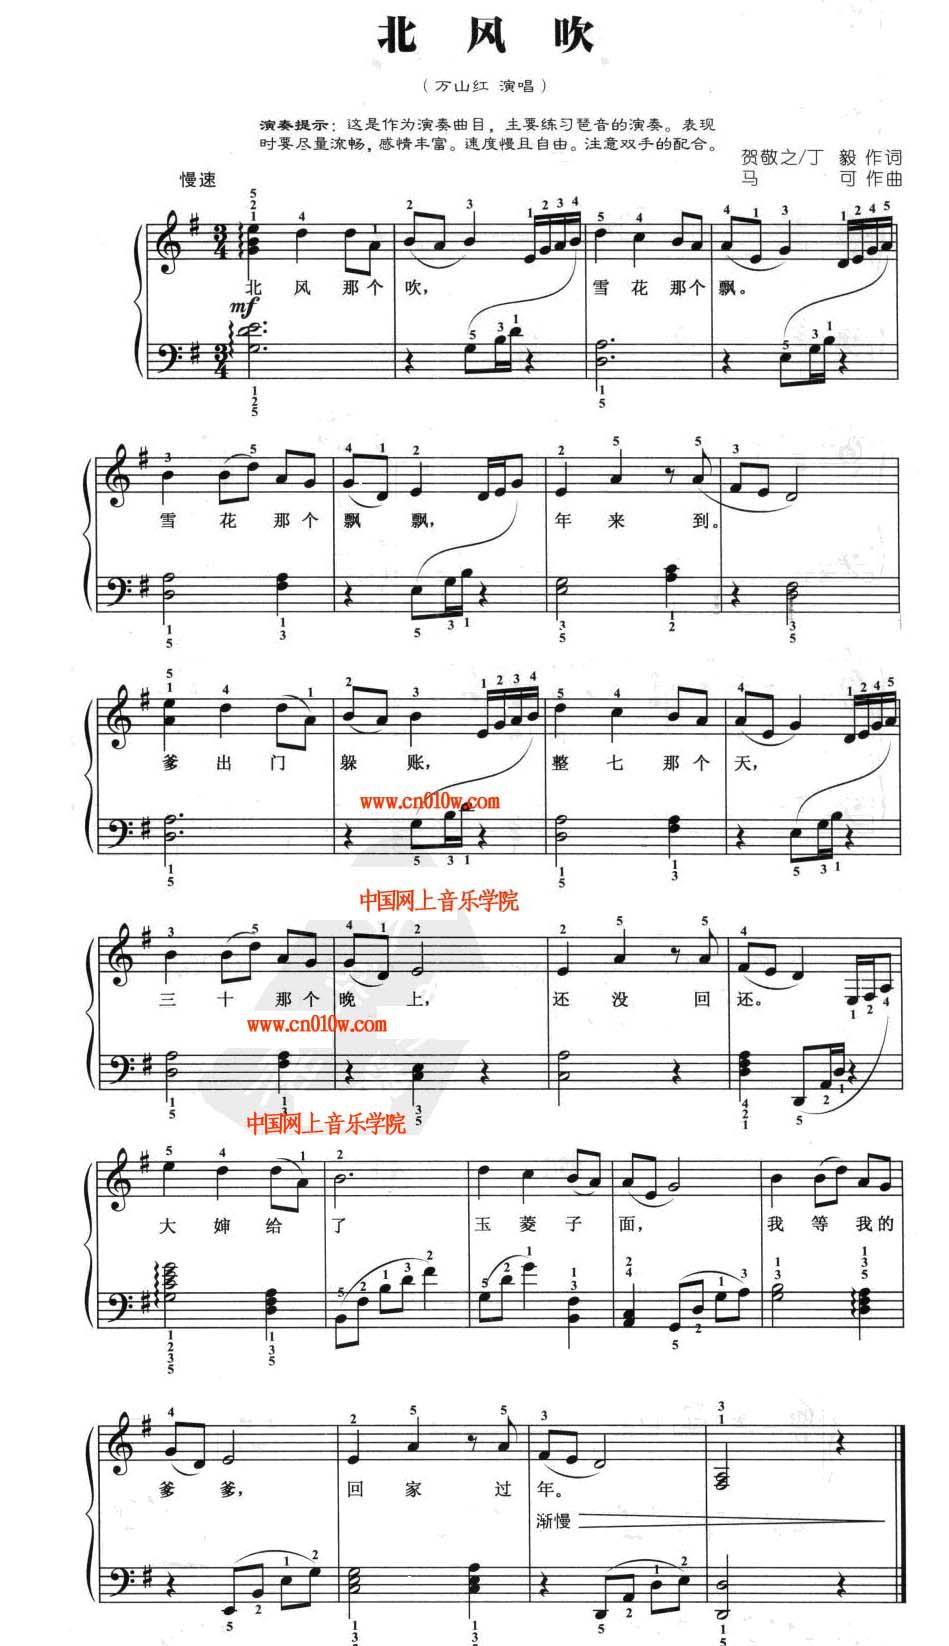 钢琴曲谱北风吹